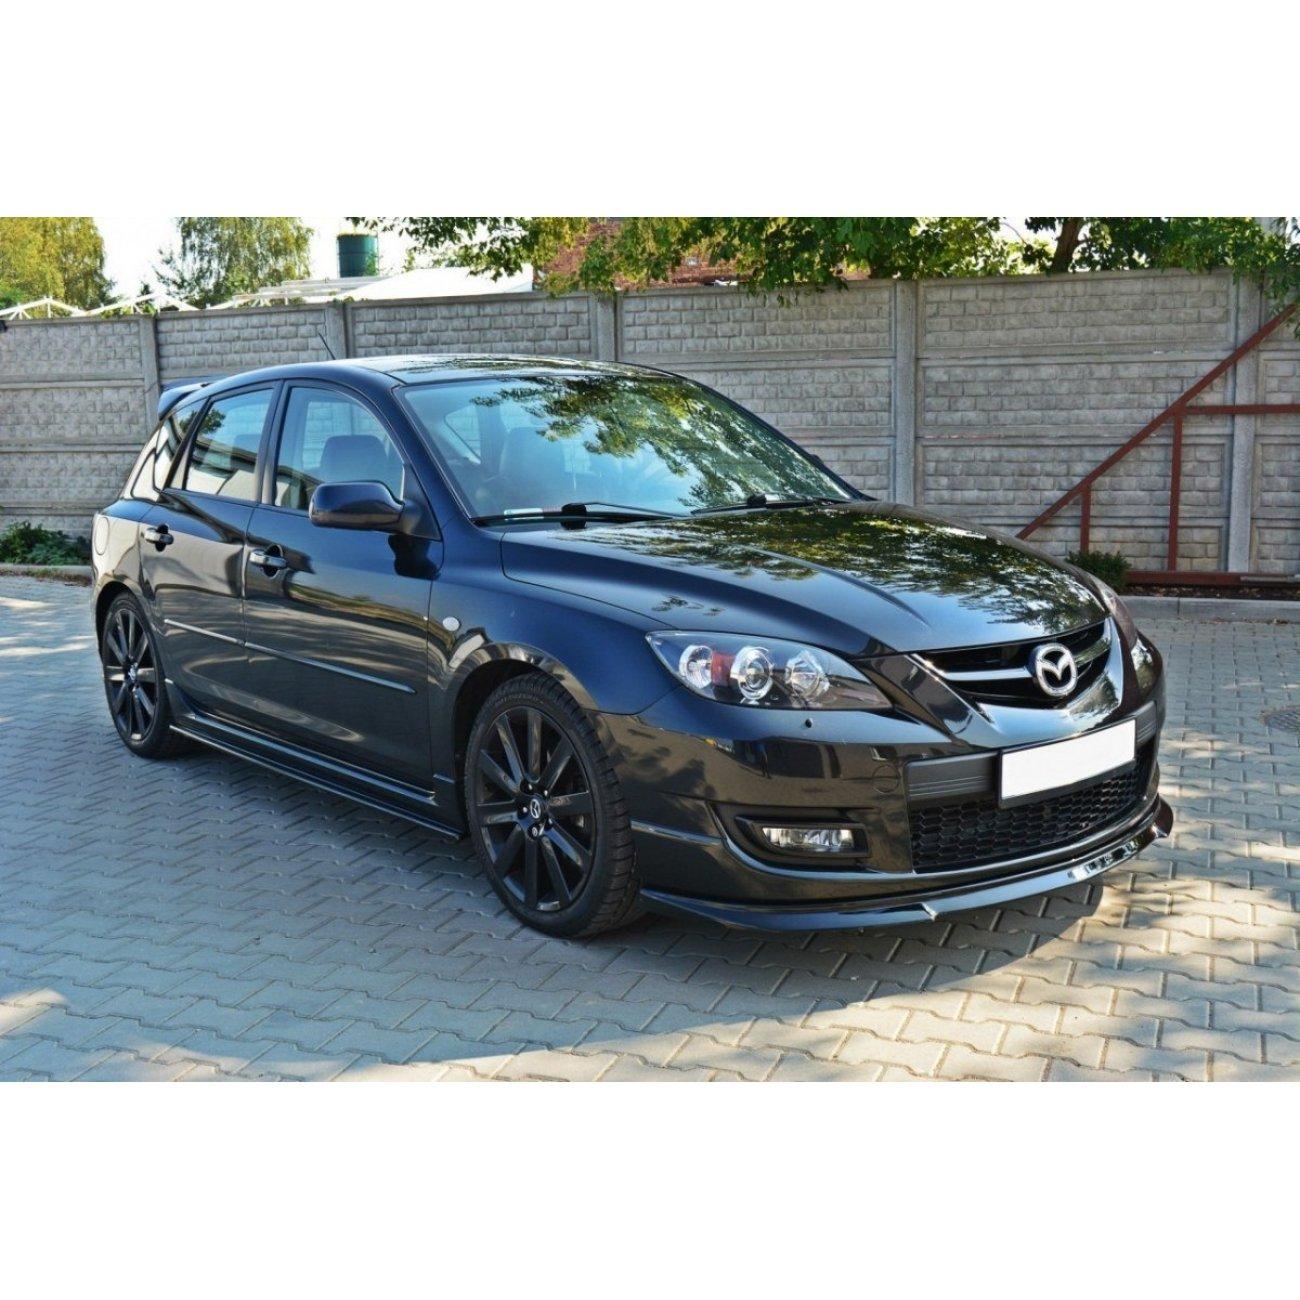 2008 Mazda 3 For Sale 1 6m Obo: Mazda 3 MK1 BK MPS Seitenschweller Ansatz